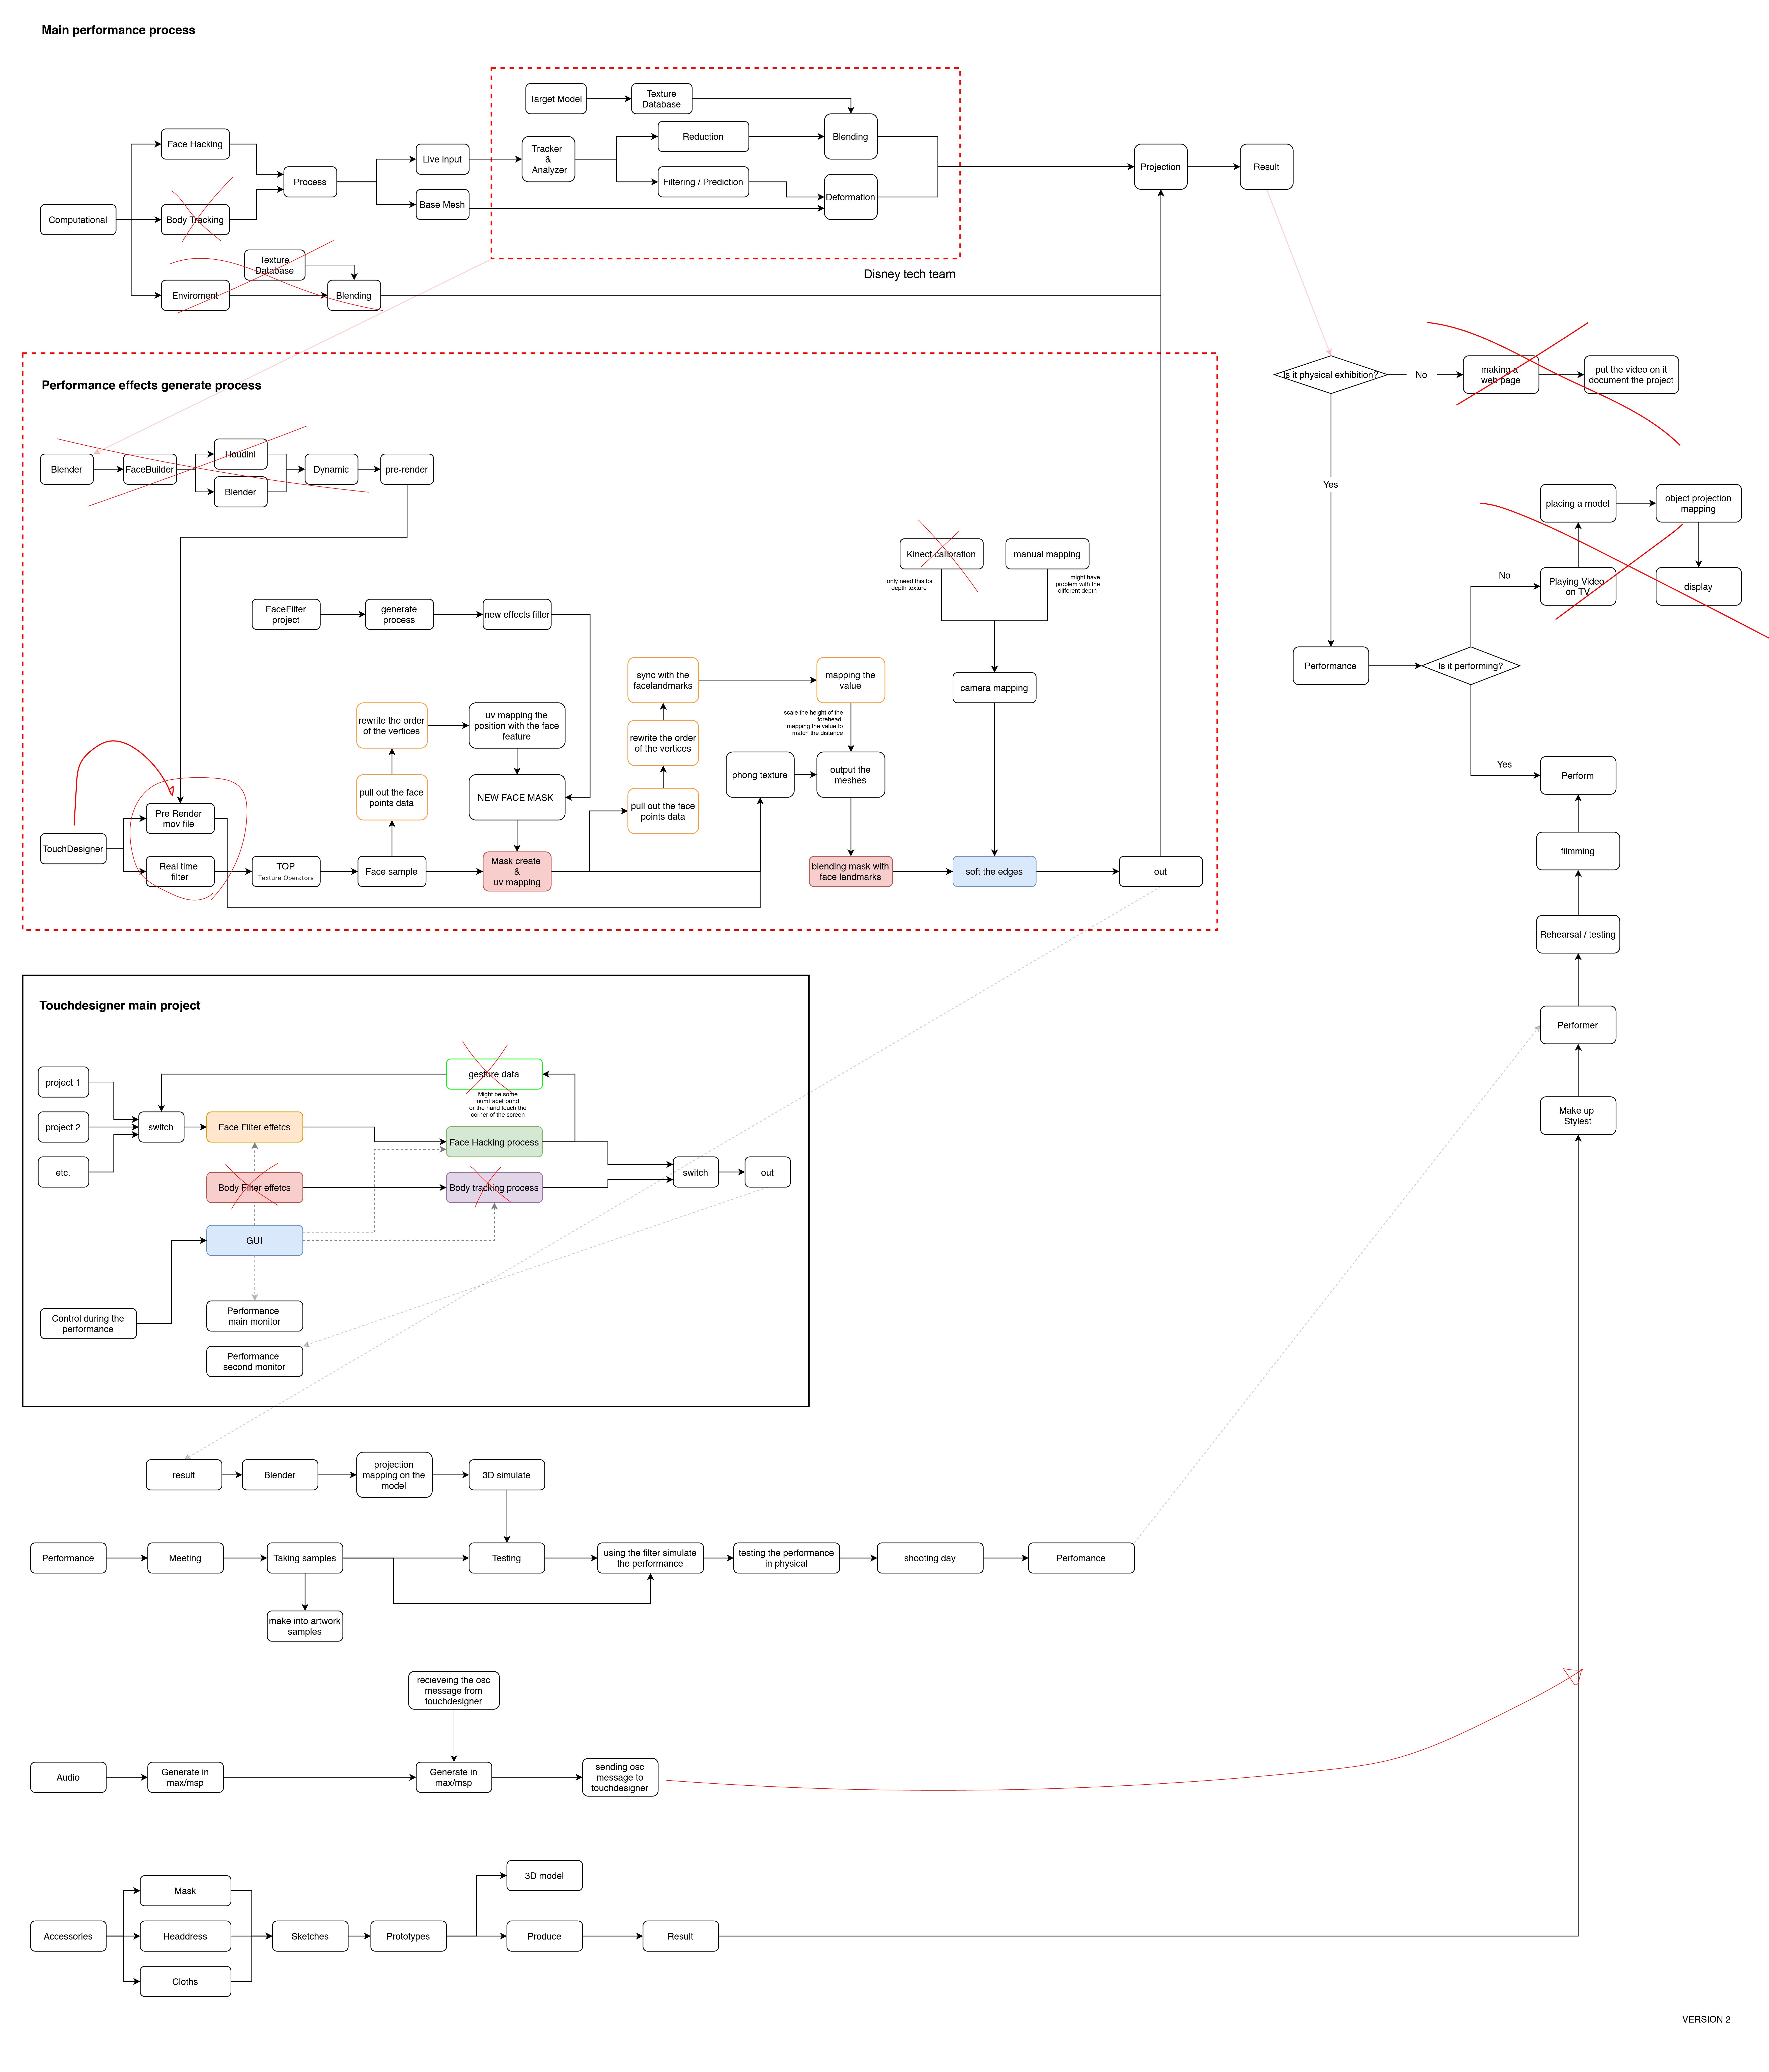 fixDiagram-01